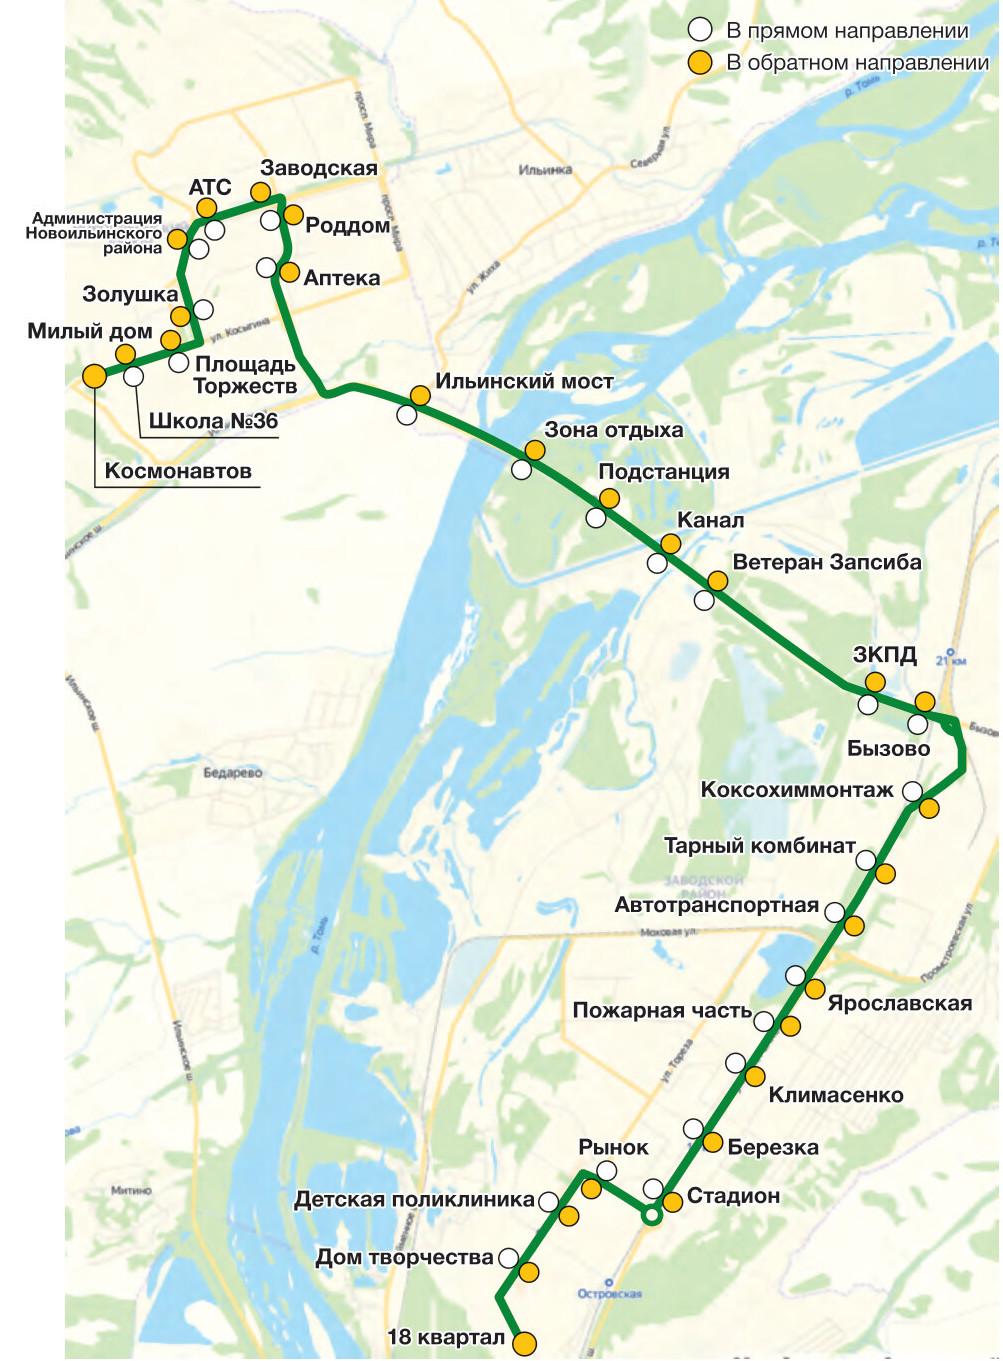 Автобус №91 КОСМОНАВТОВ - 18-ЫЙ КВАРТАЛ | Расписание и маршрут движения